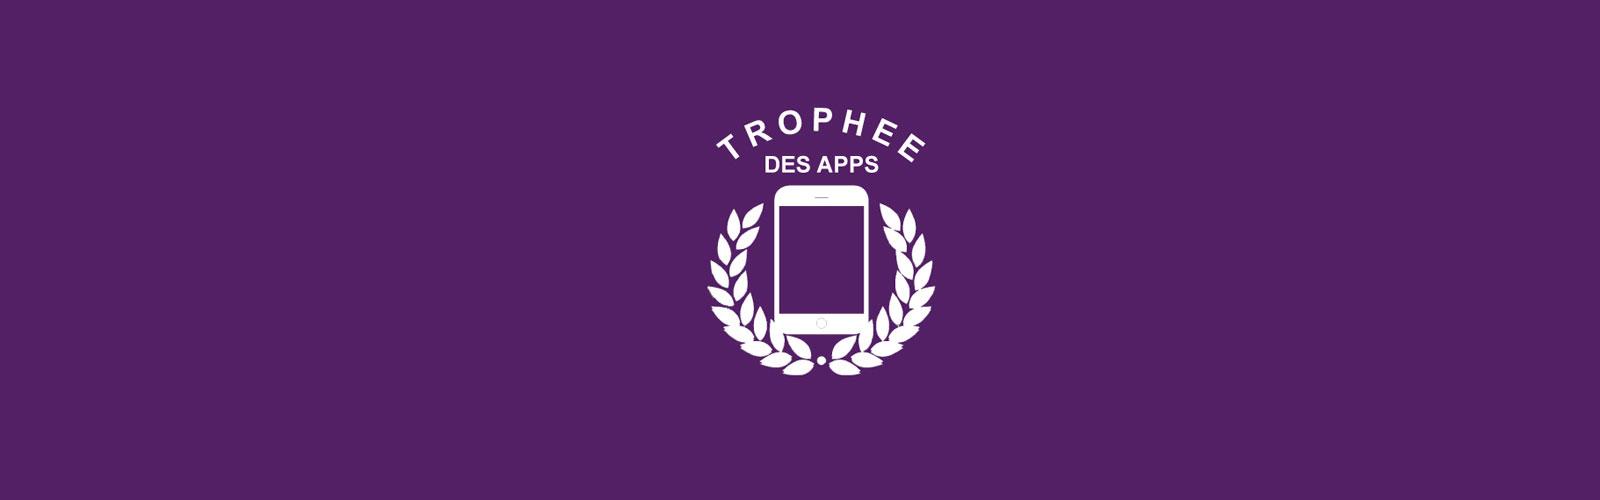 trophee-des-apps